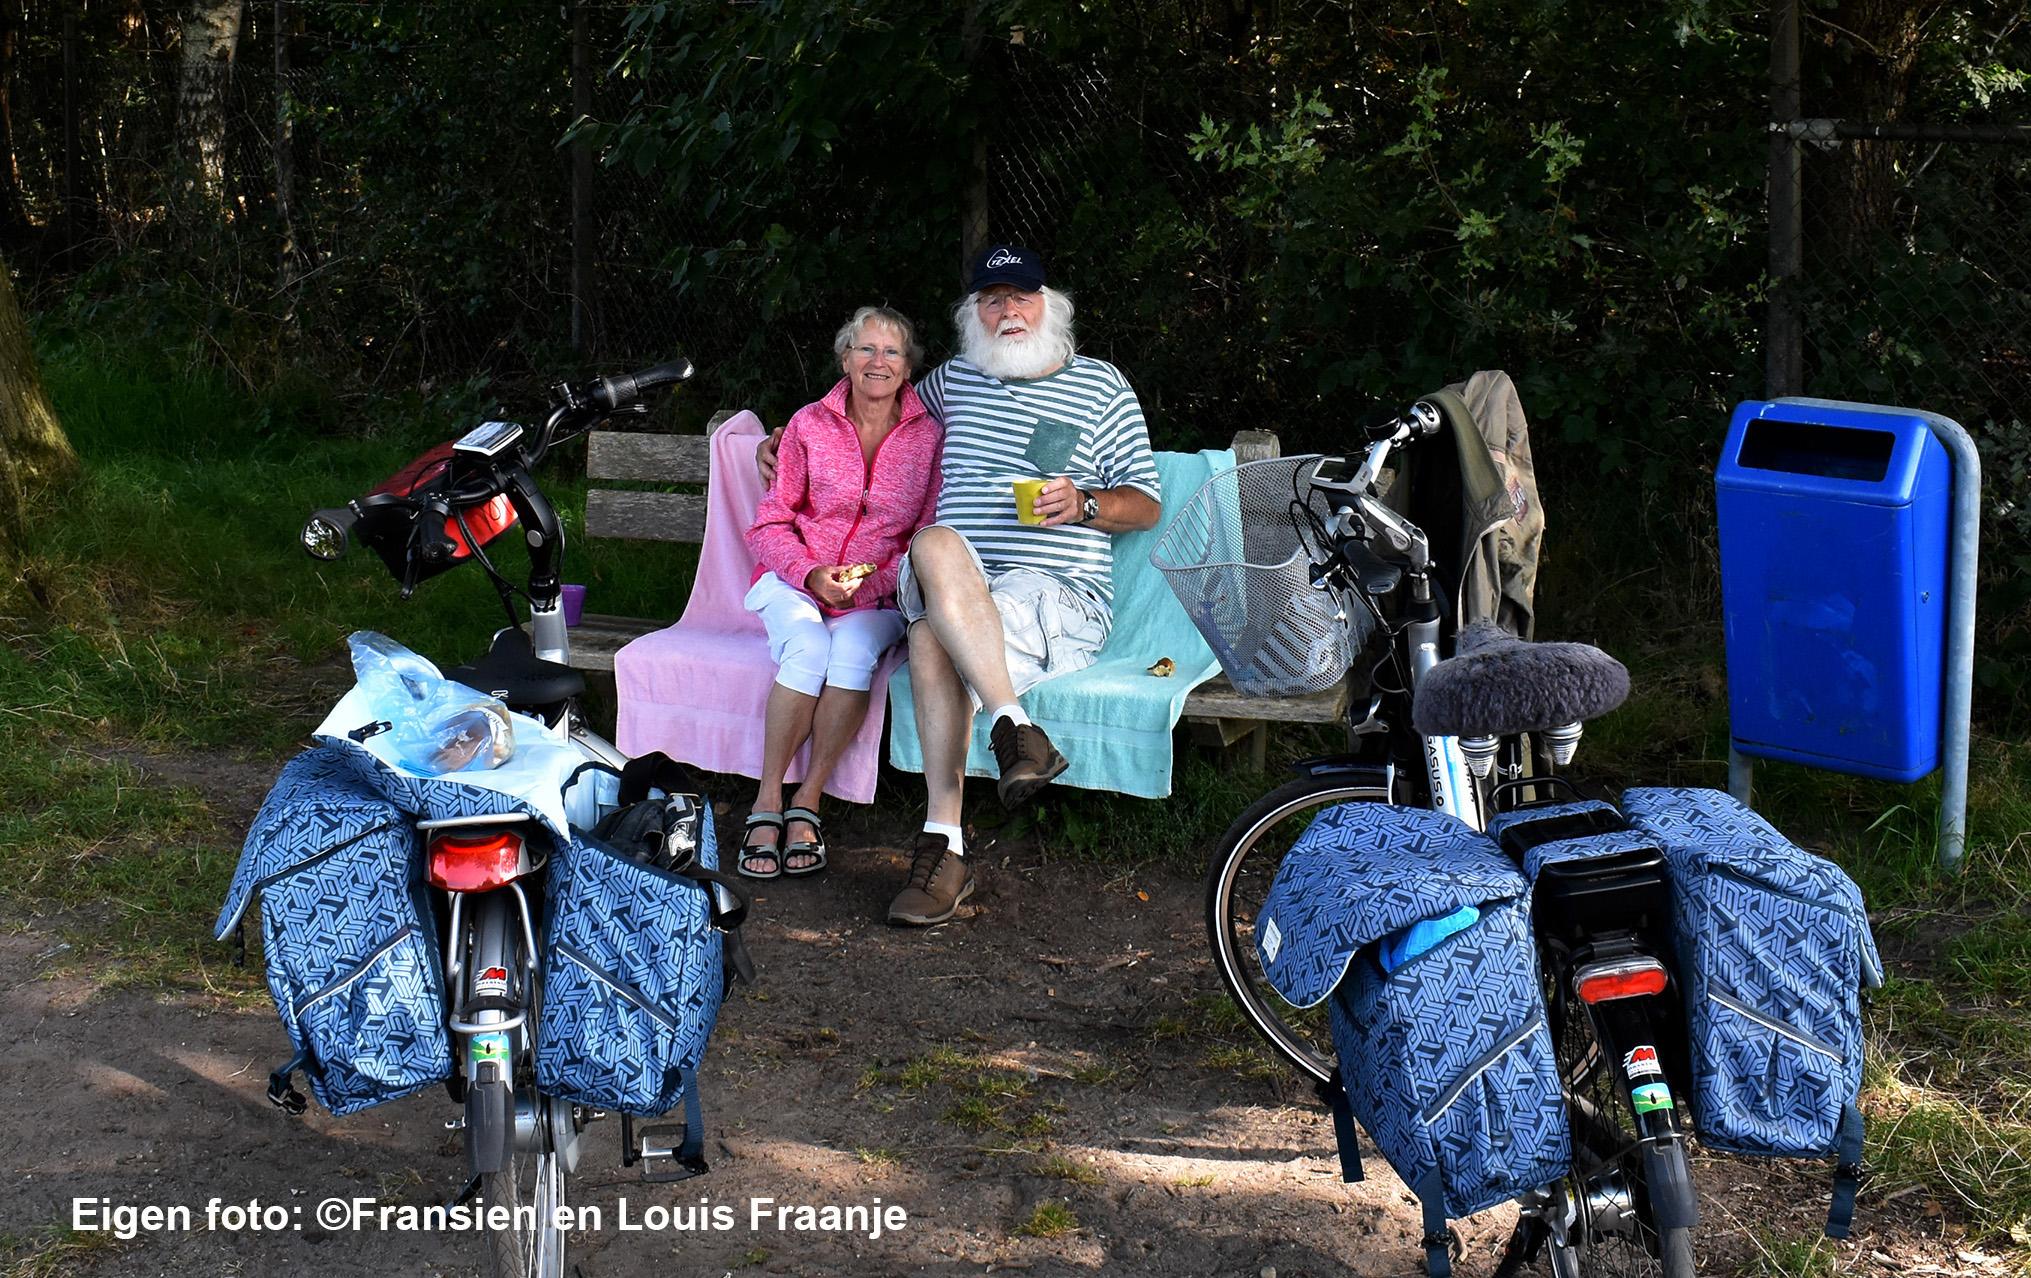 De eerste pitstop op het hoekje van De Wildkamp, waar vroeger de bekende en inmiddels overleden Kees Elbertsen woonde - Eigen foto: ©Fransien en Louis Fraanje